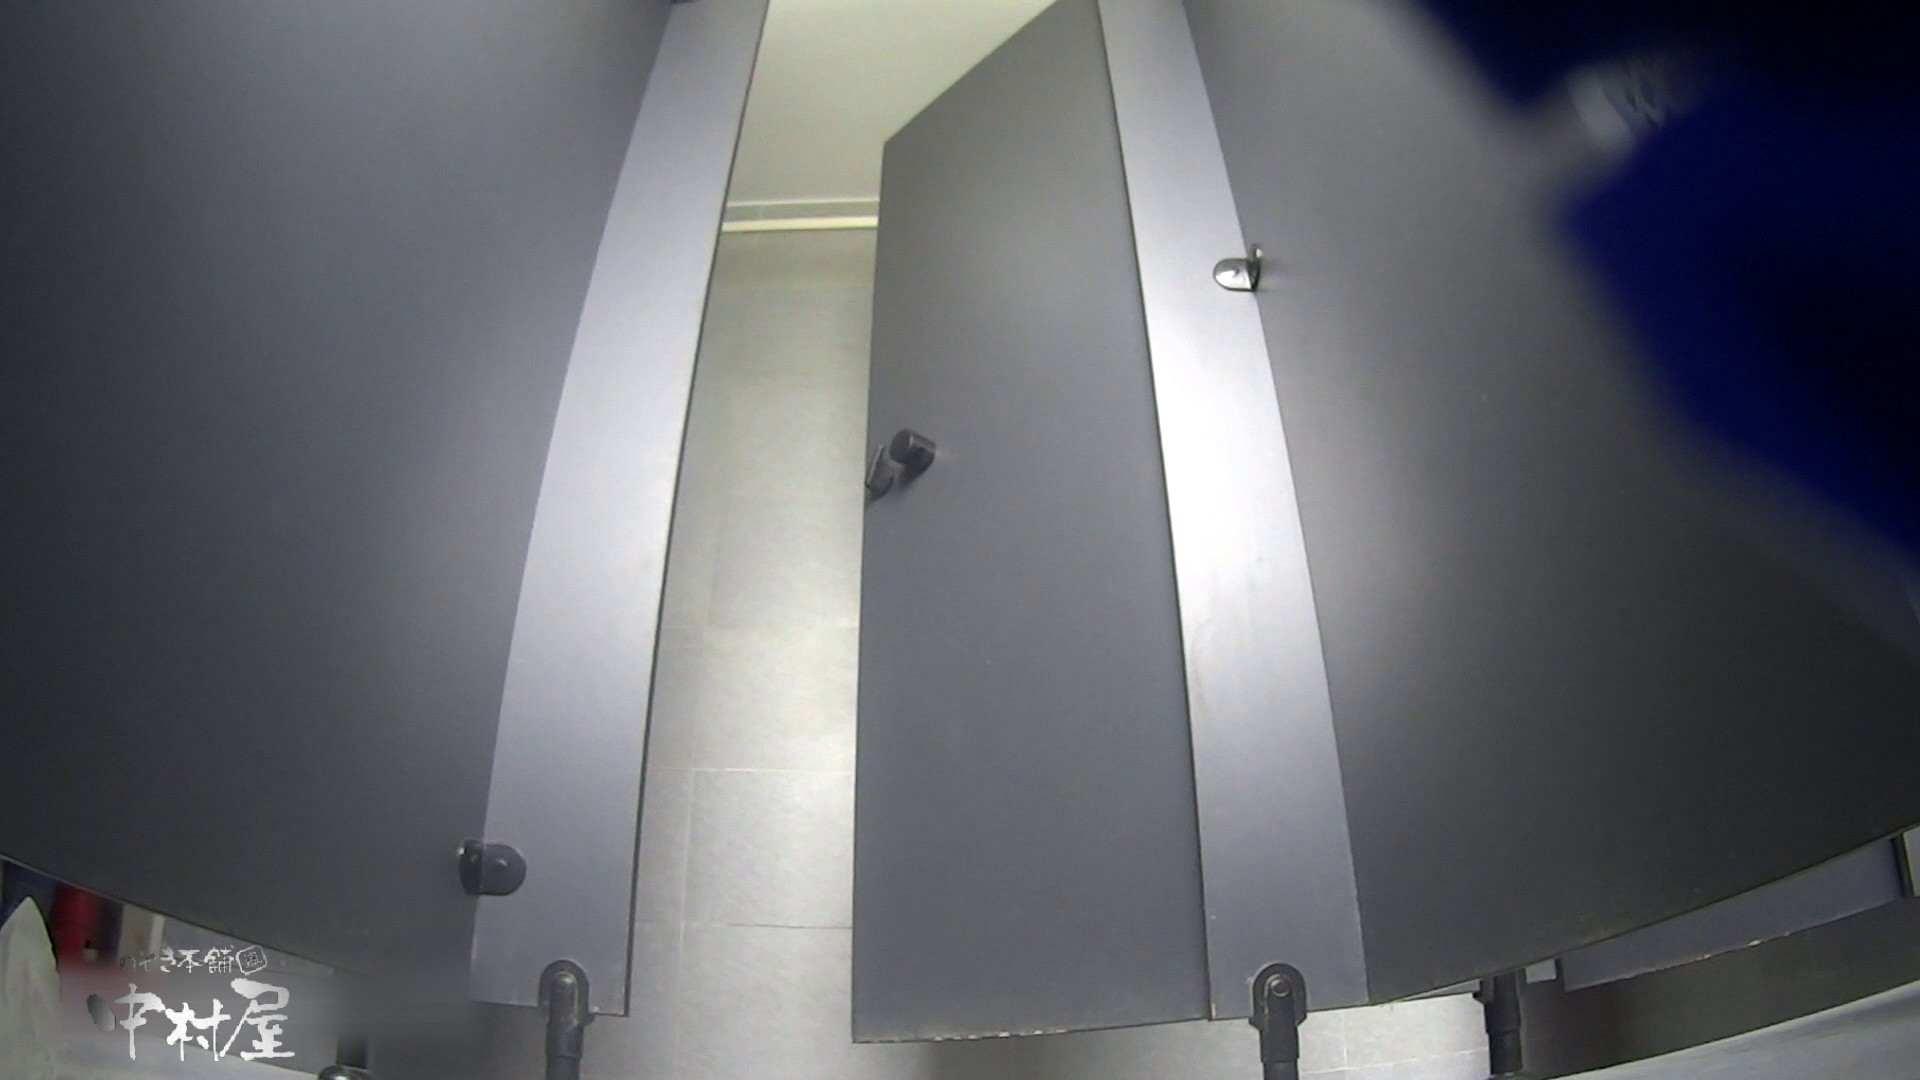 ツンデレお女市さんのトイレ事情 大学休憩時間の洗面所事情32 0 | 0  44連発 23